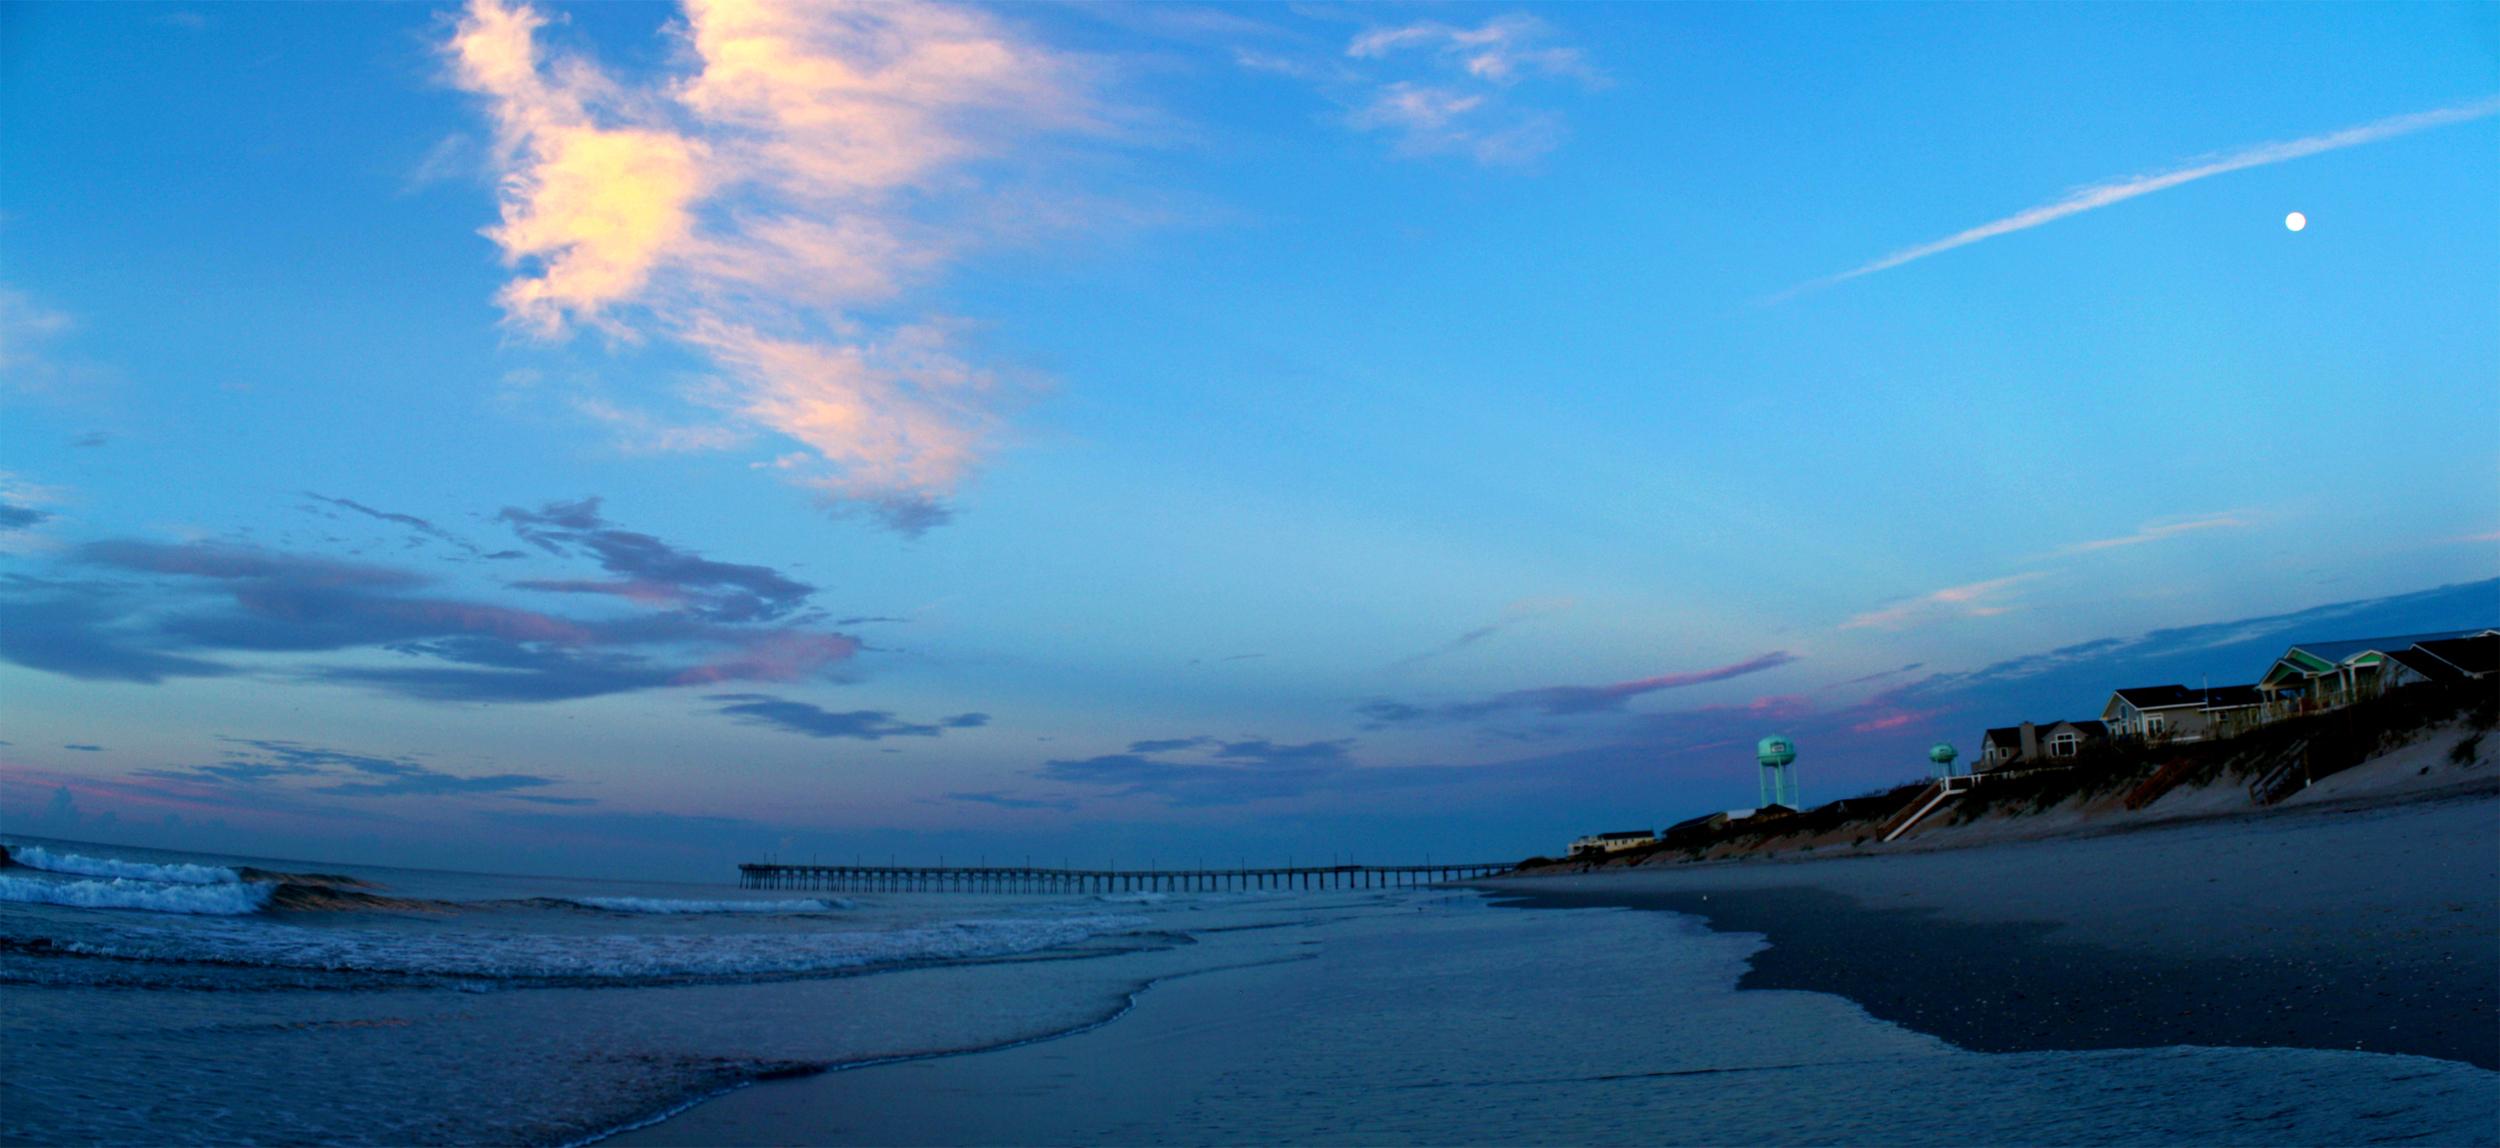 Topsail Beach, NC, August 2013